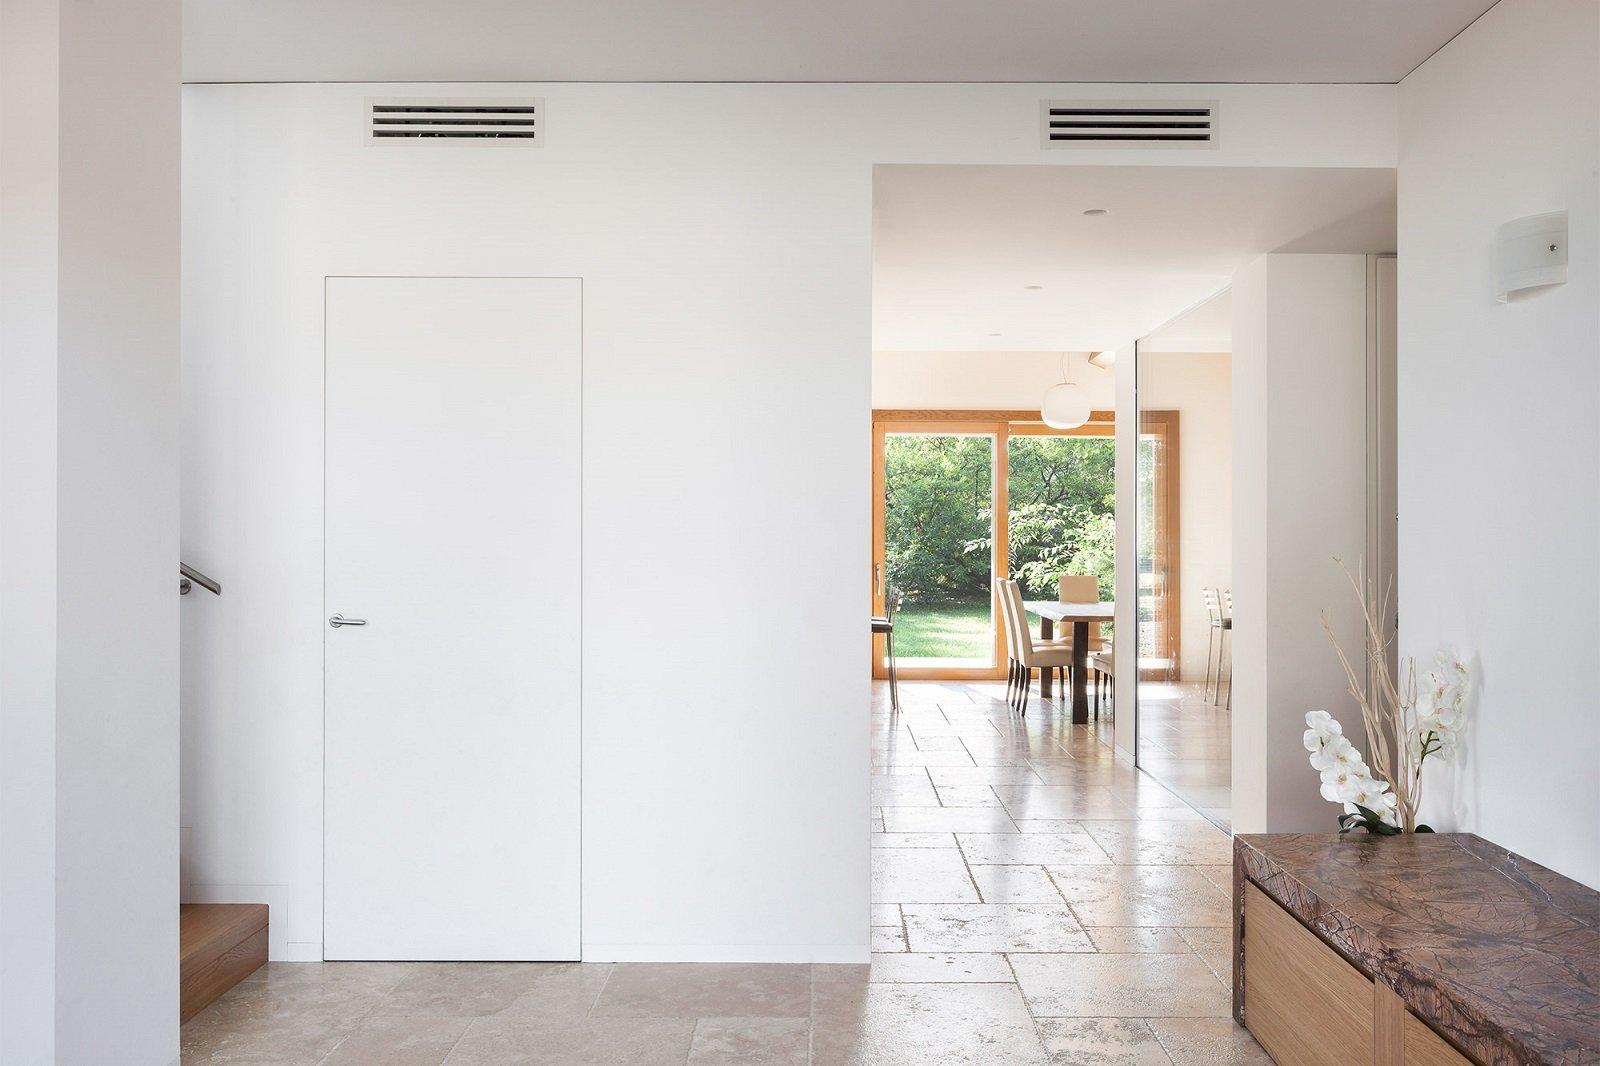 La porta a battente, la più tradizionale tra le varie tipologie di porte